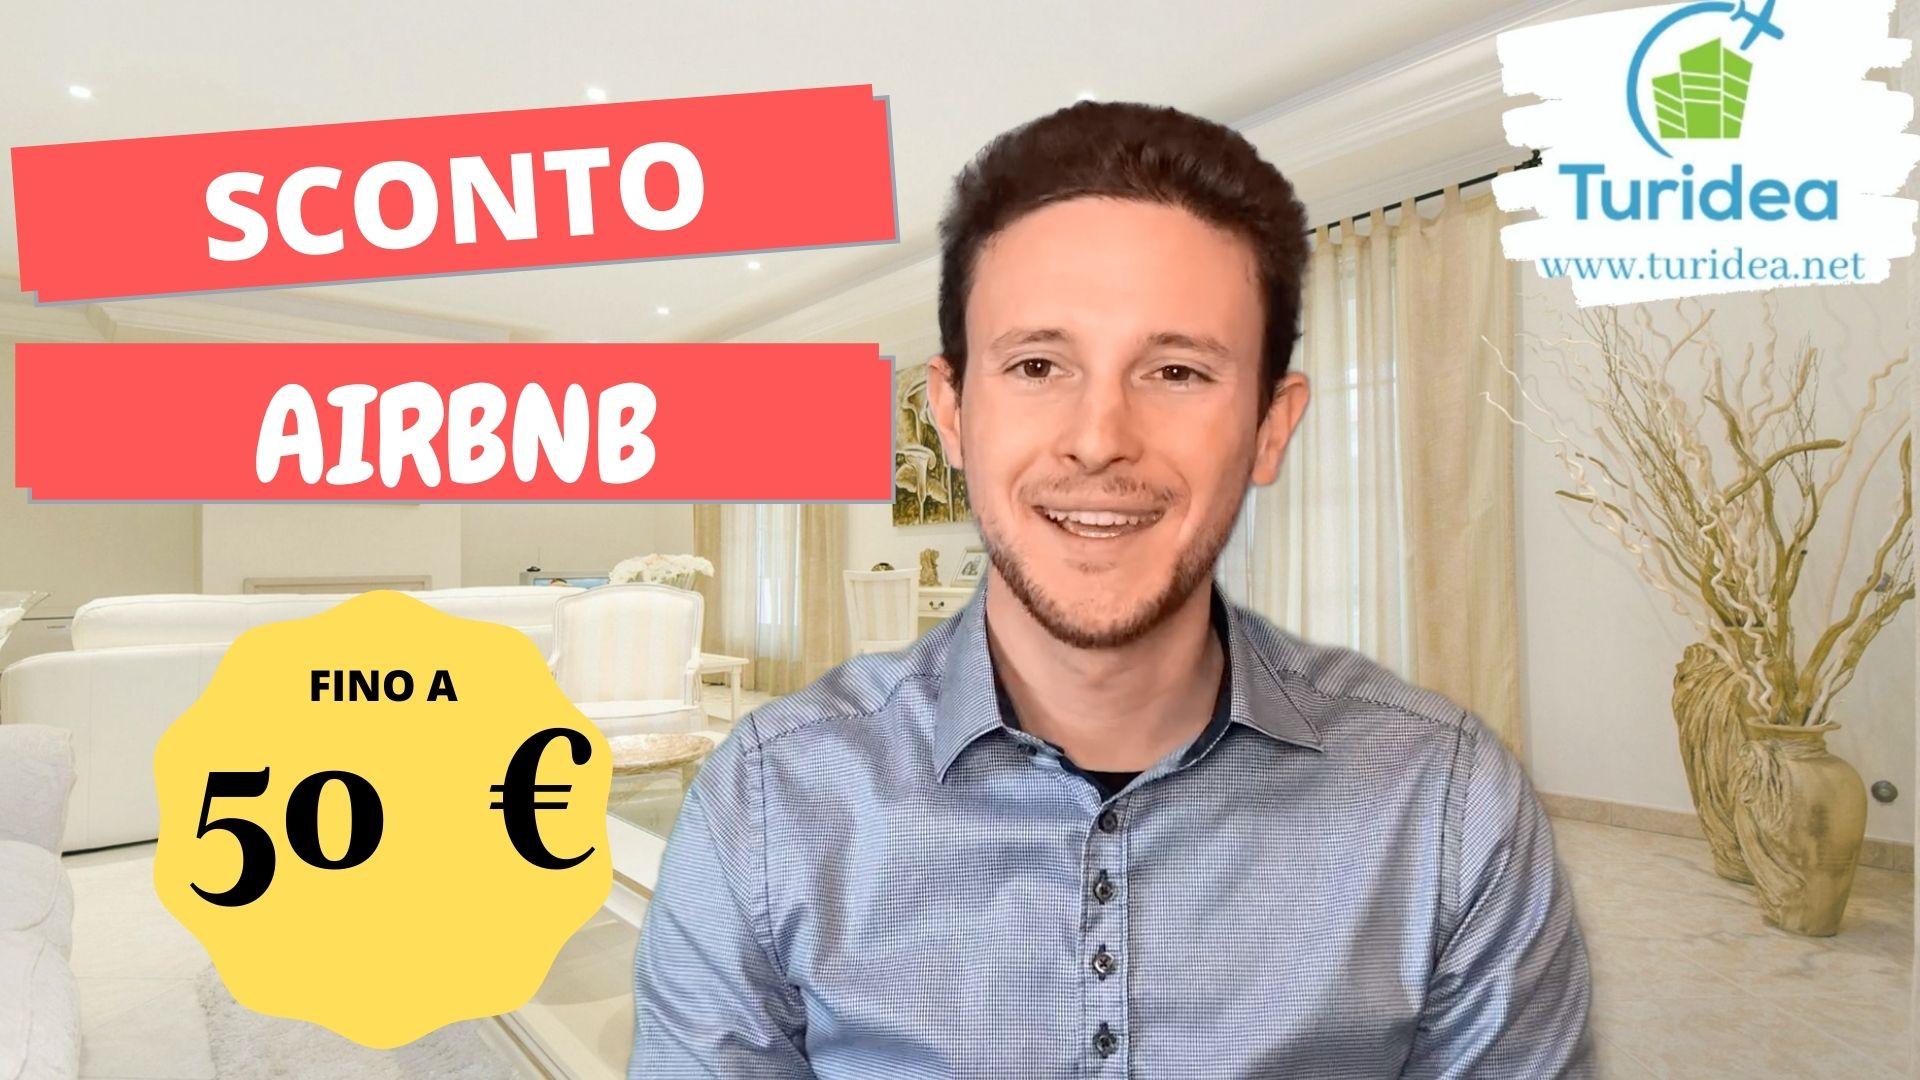 copertina-sconto-airbnb